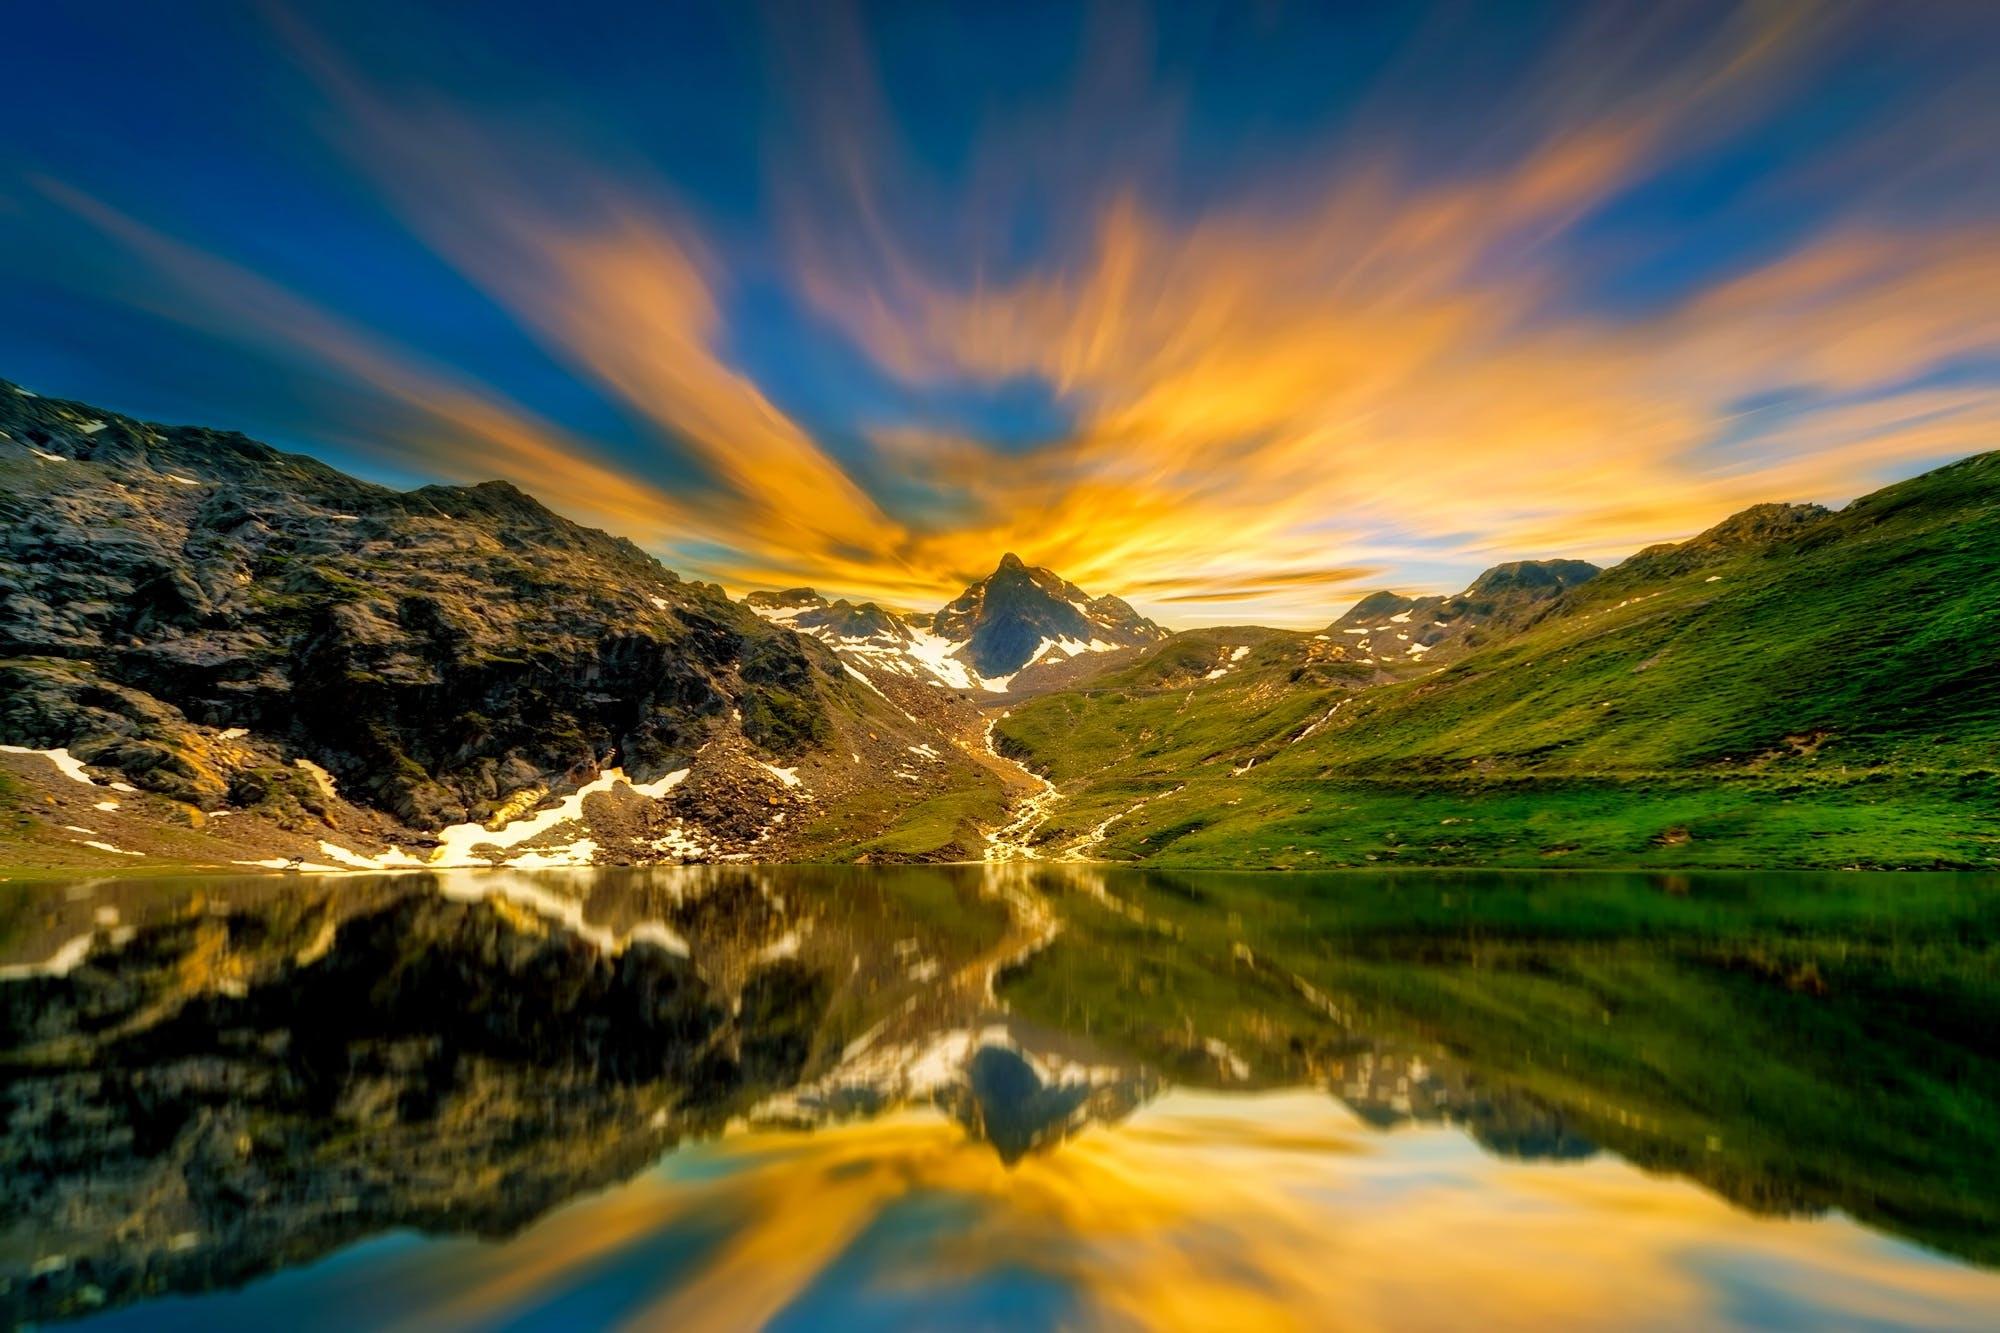 Gratis stockfoto met berg, h2o, hemel, idyllisch